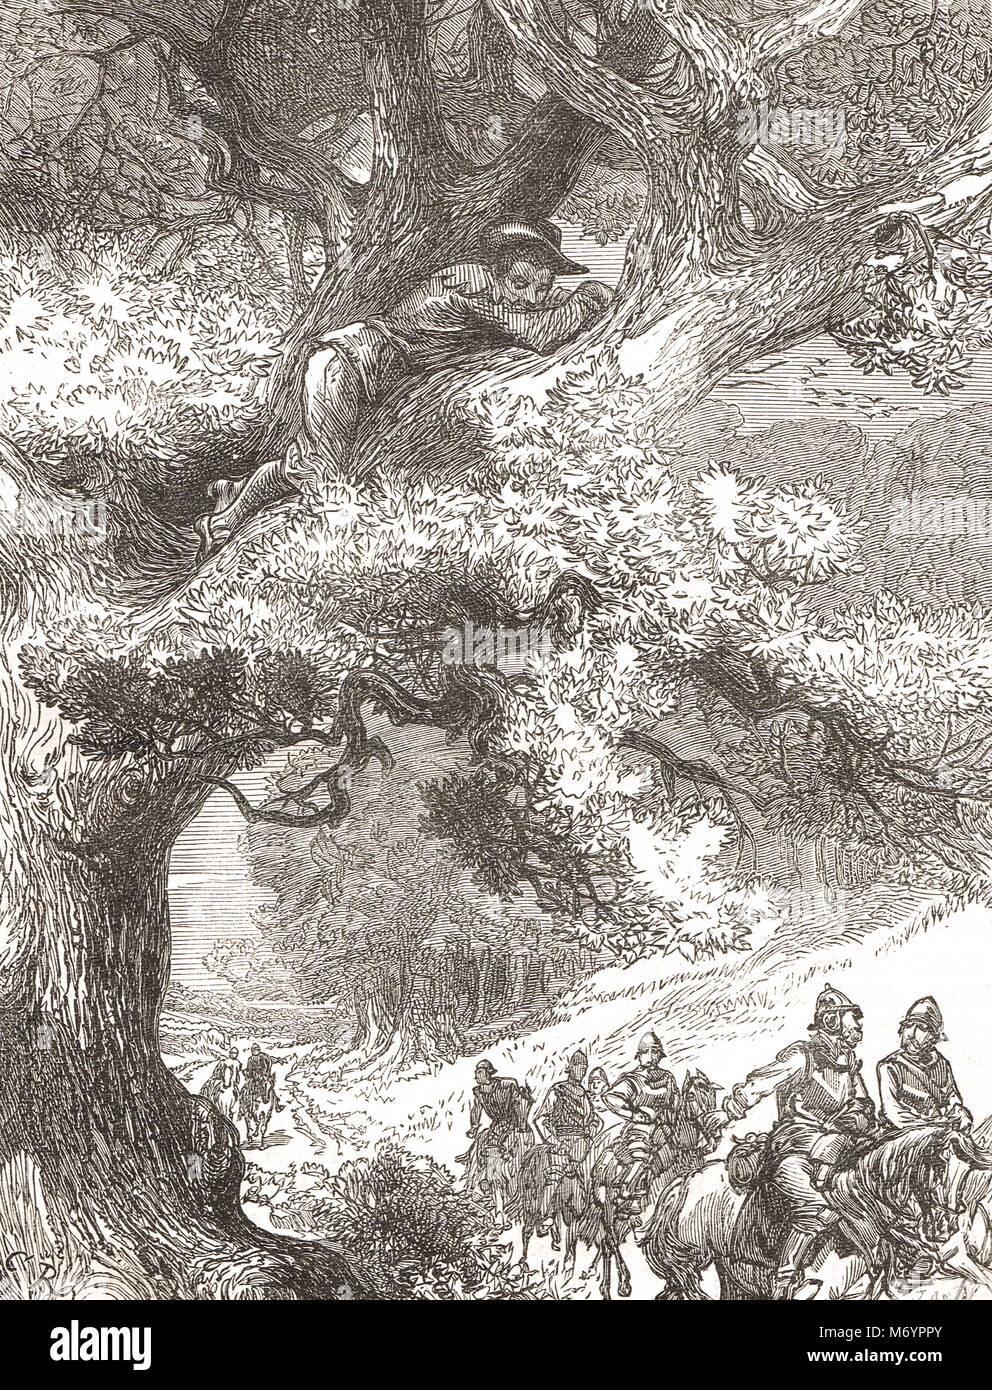 El príncipe Carlos, hijo de Carlos I, y el futuro Rey Carlos II, escondidos en el roble de 1651, tras la derrota Foto de stock